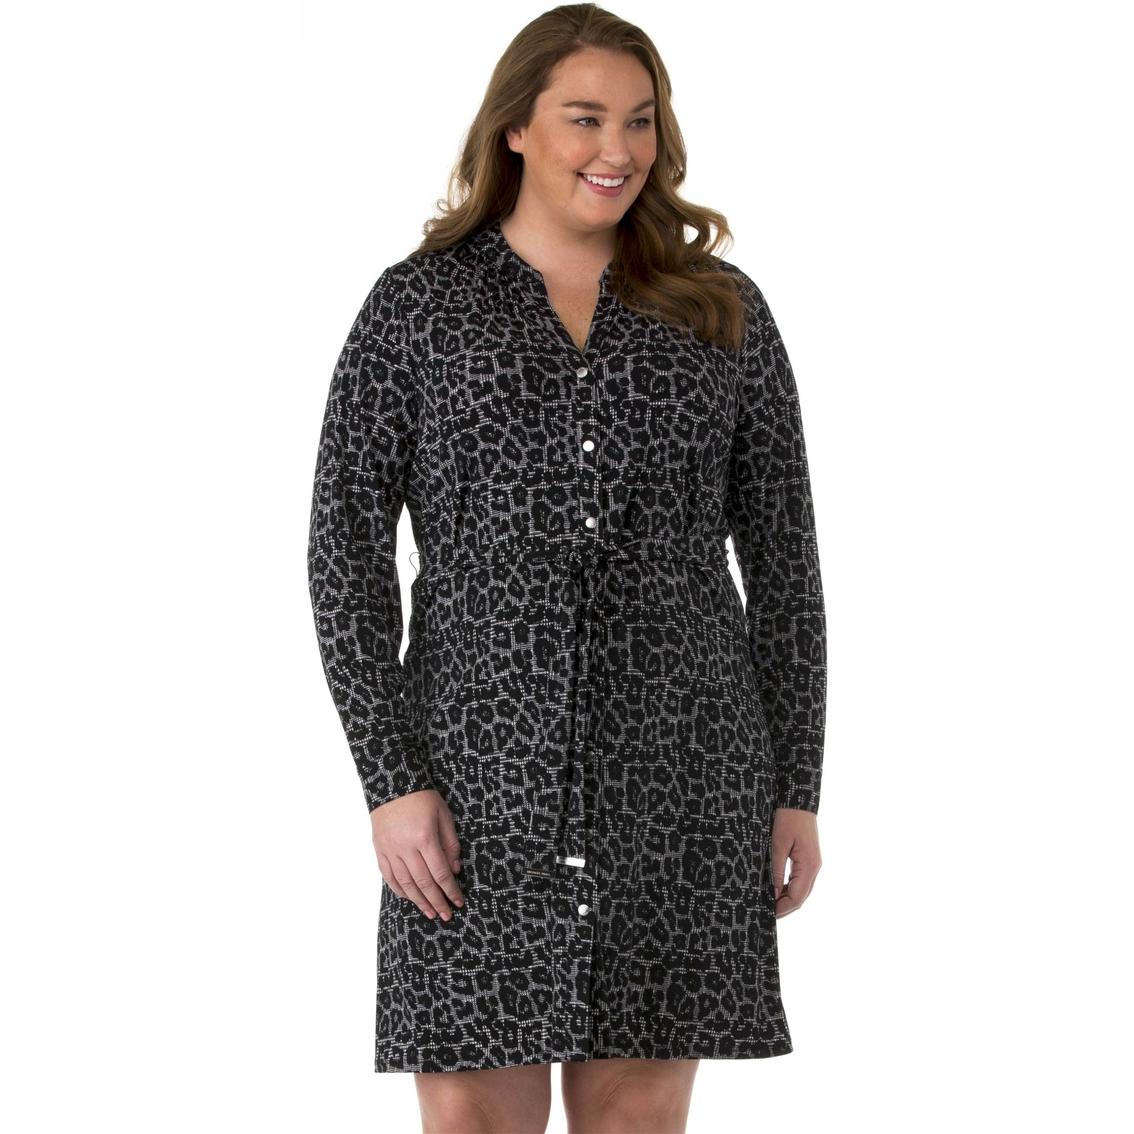 Michael Kors Plus Size Button Front Shirt Dress | Dresses | Apparel ...